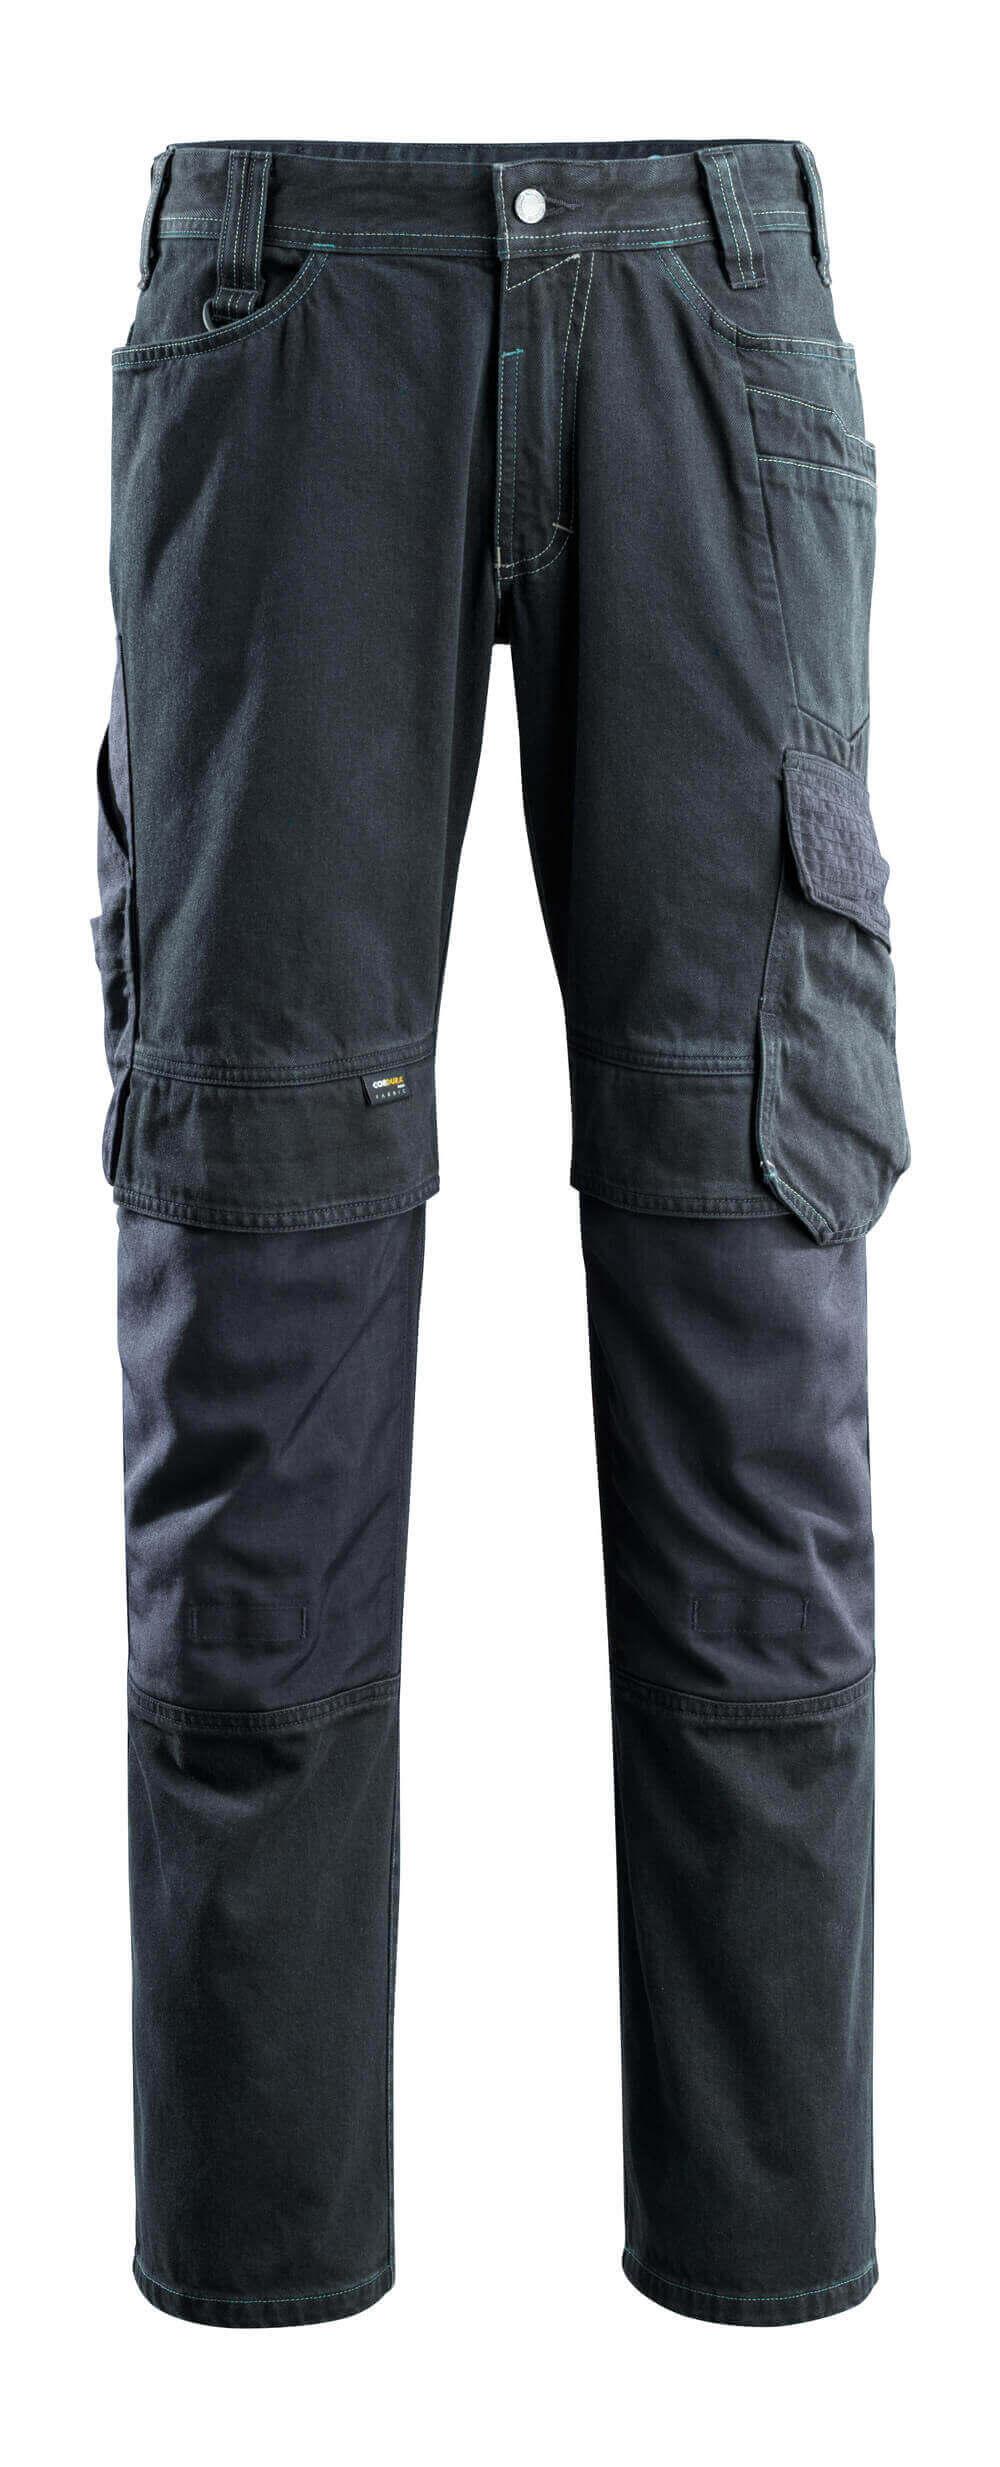 15179-207-86 Jeans avec poches gensouillères - Denim blau foncé